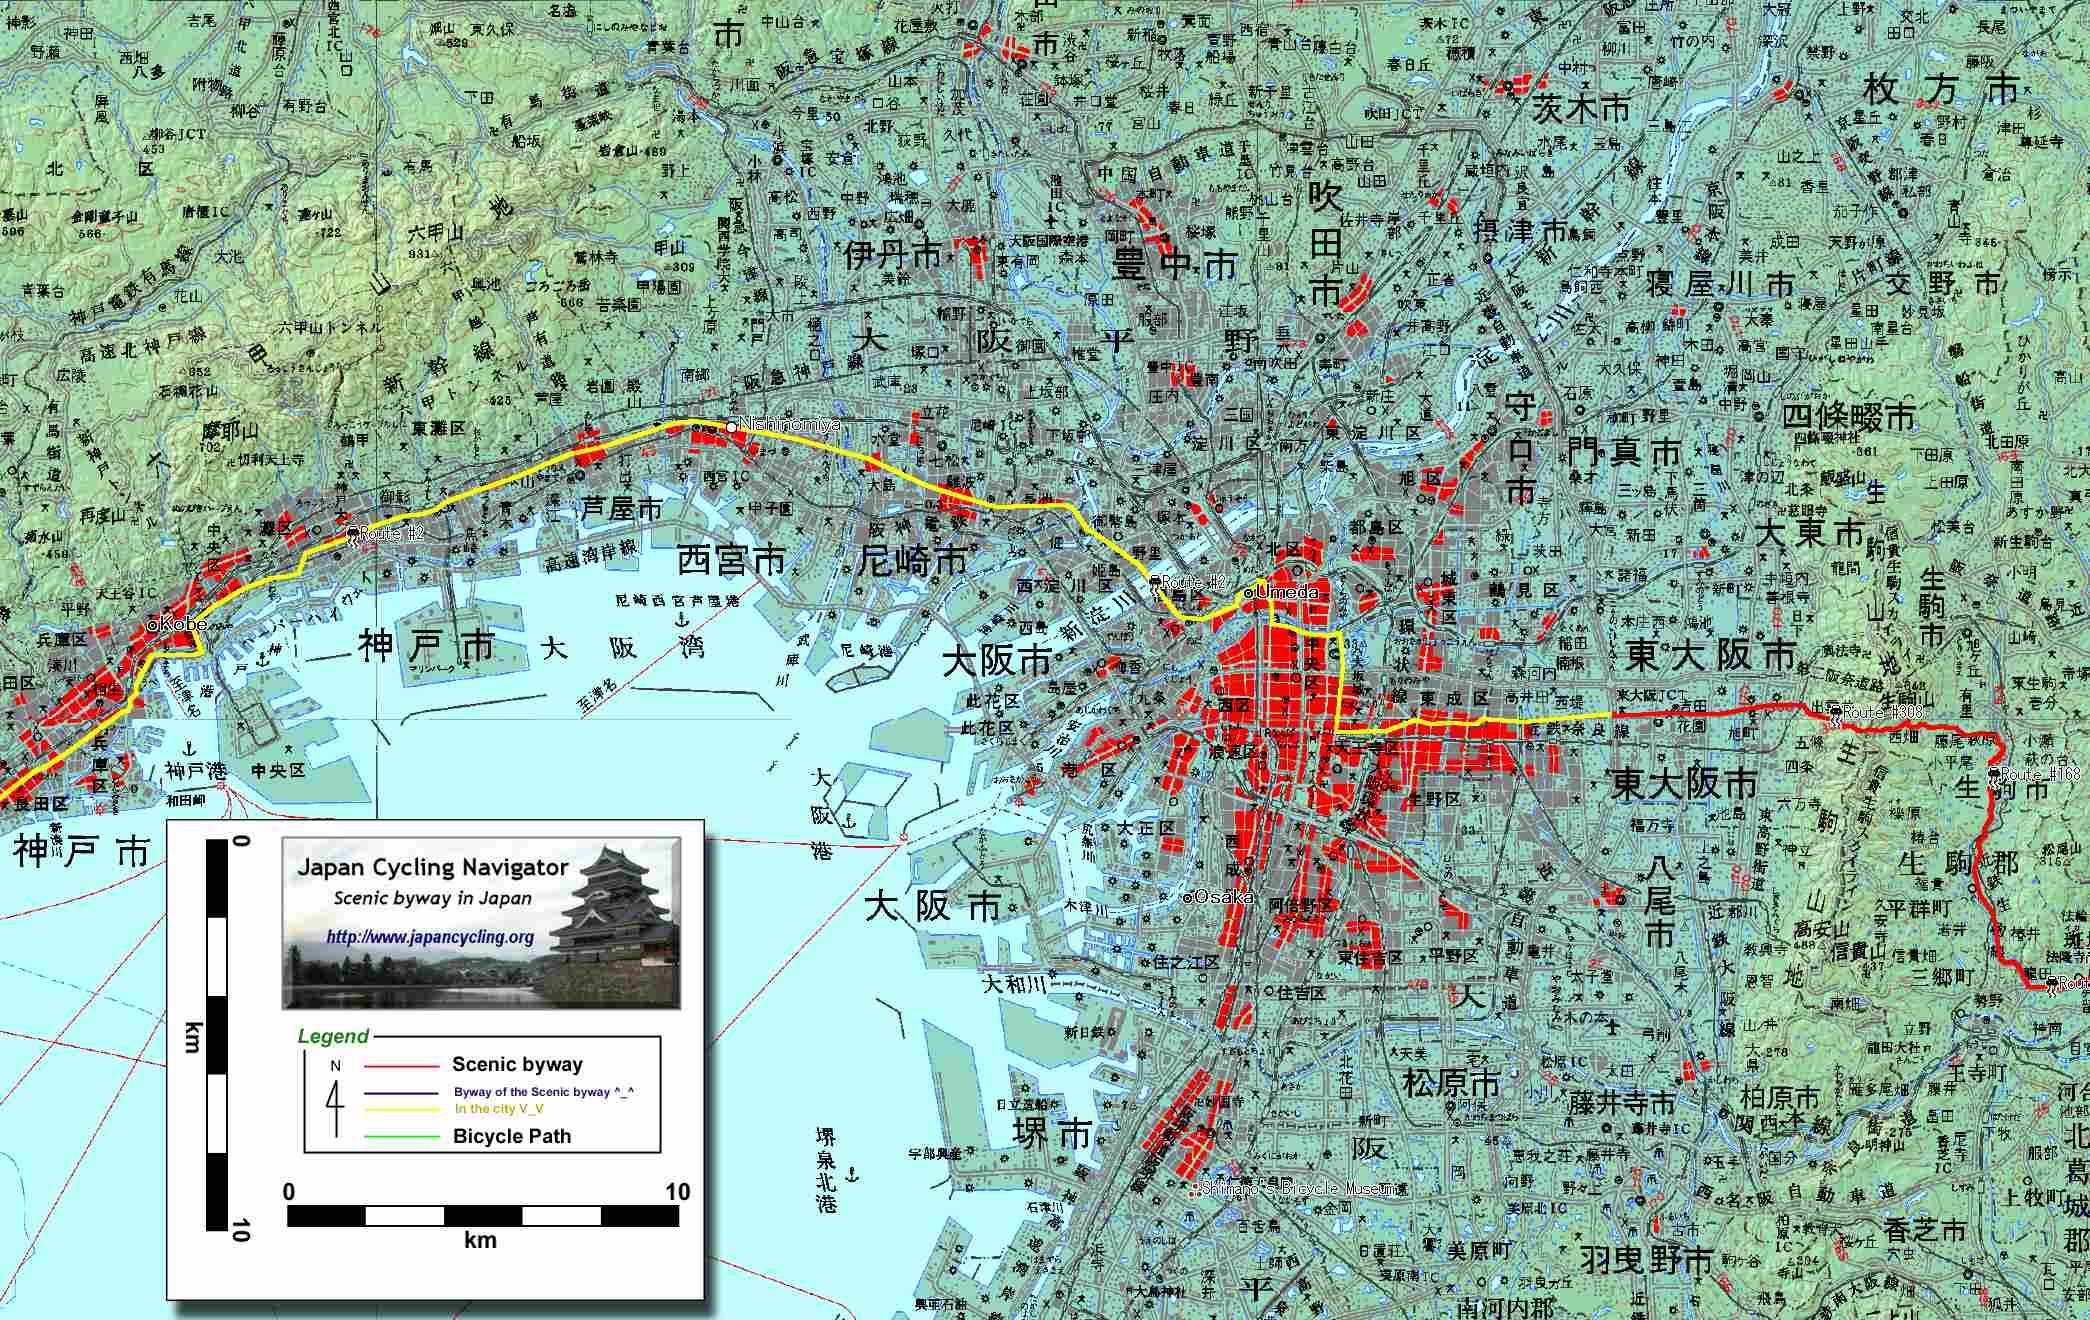 Japan Cycling Navigator Length Of Japan